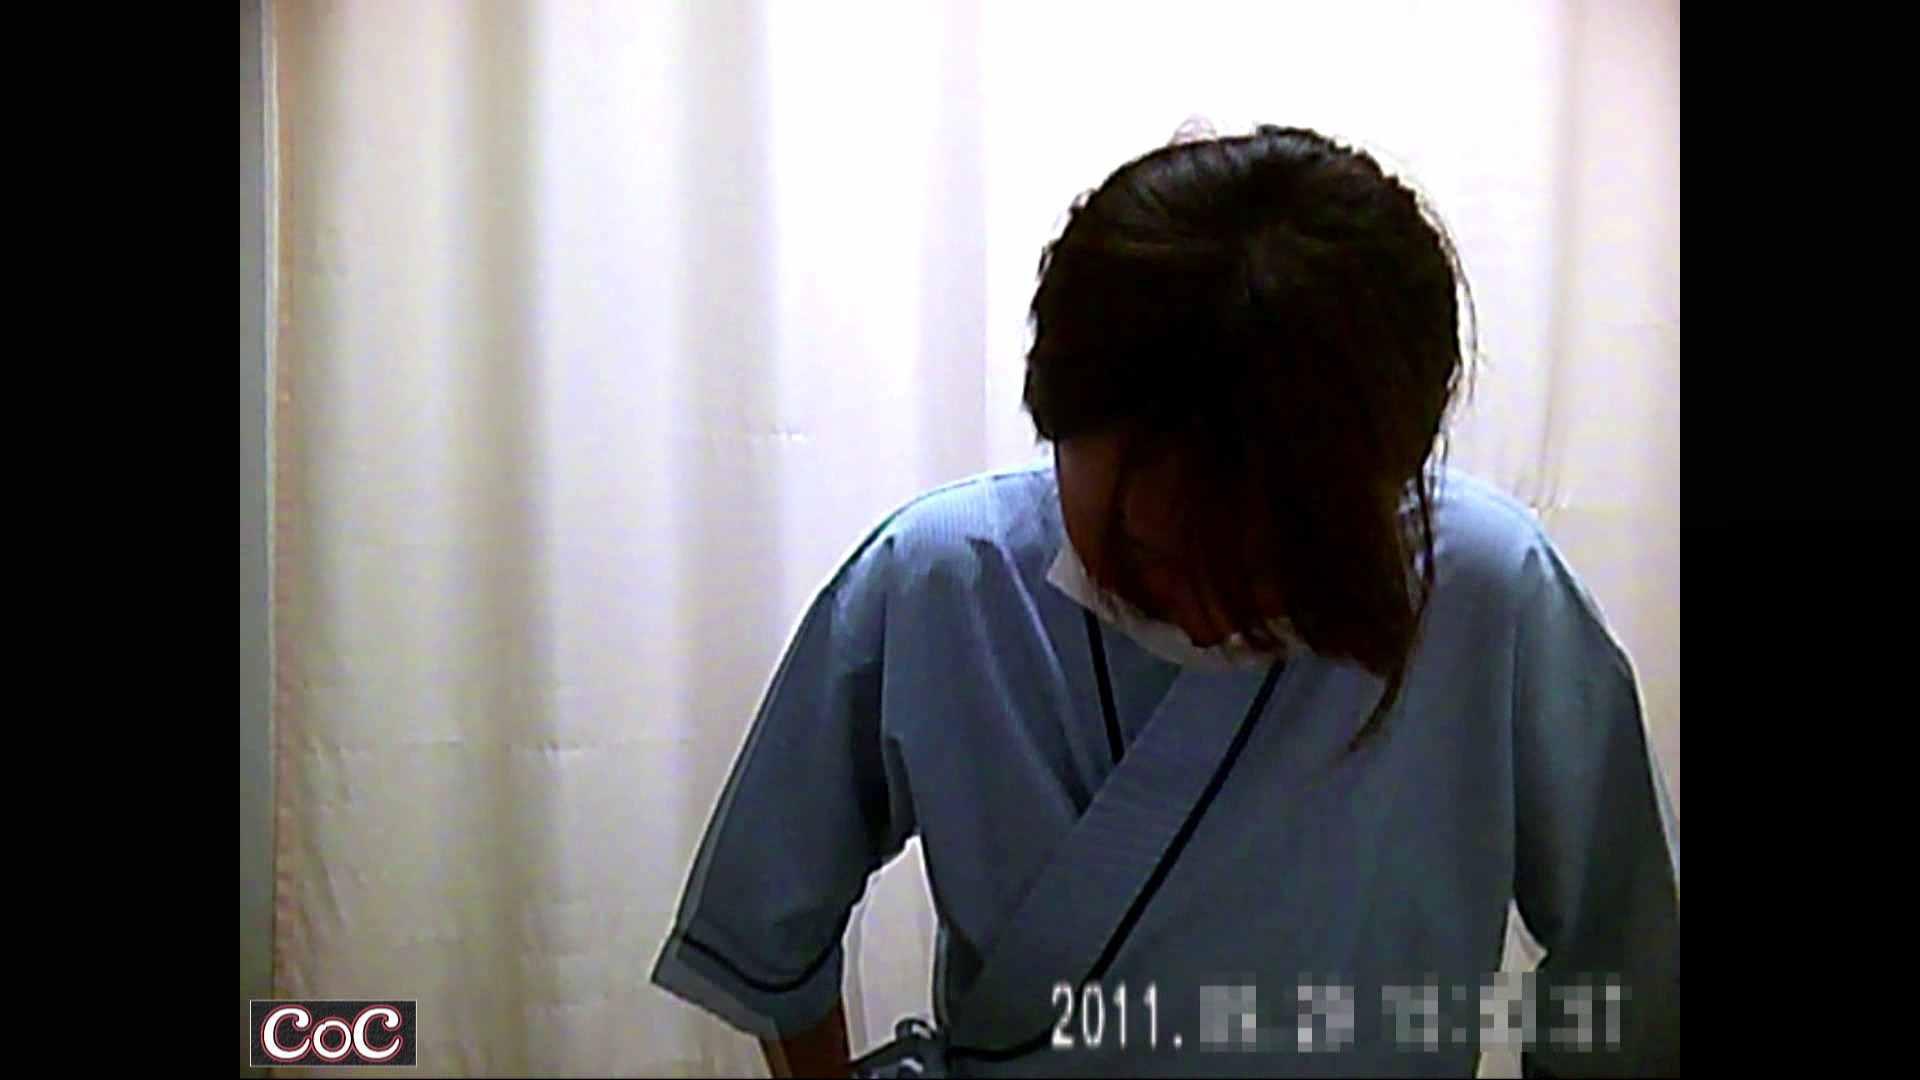 病院おもいっきり着替え! vol.42 OLの実態 盗撮おめこ無修正動画無料 99pic 51